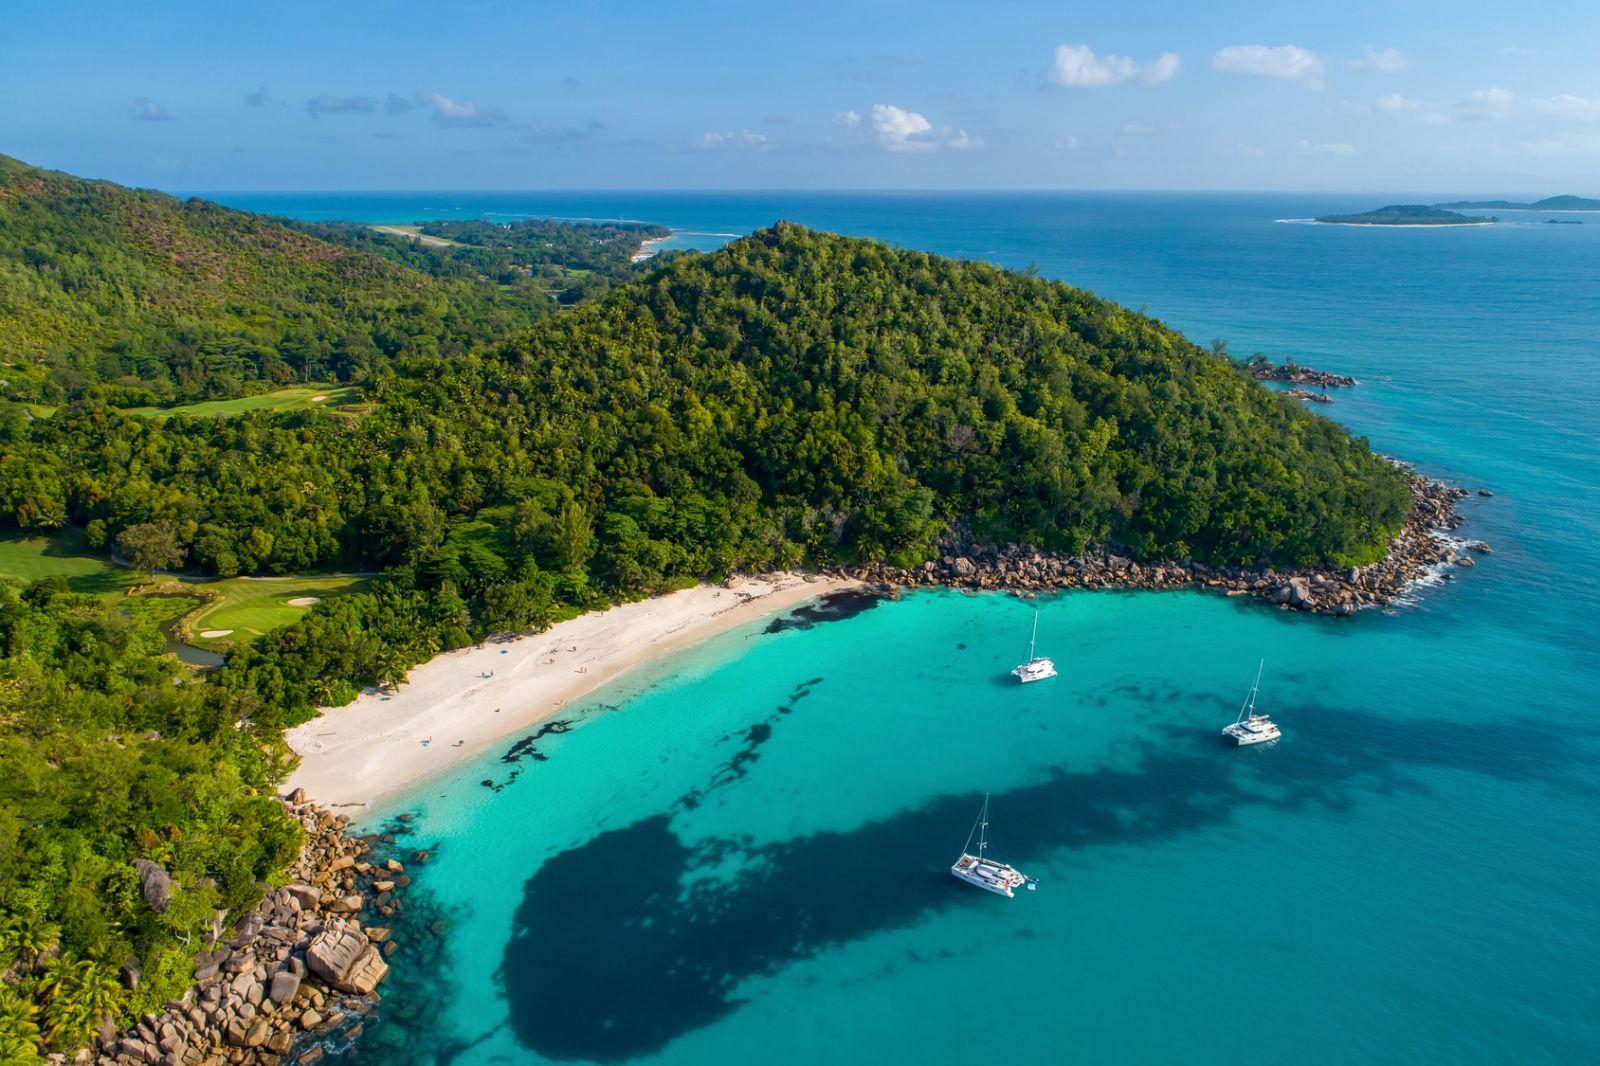 Grüner Küsten- und Mangrovenwald, weißer Sandstrand, türkisblaues Meer – nur einige der vielen Farben der Seychellen. ©gawriloff/Fotolia